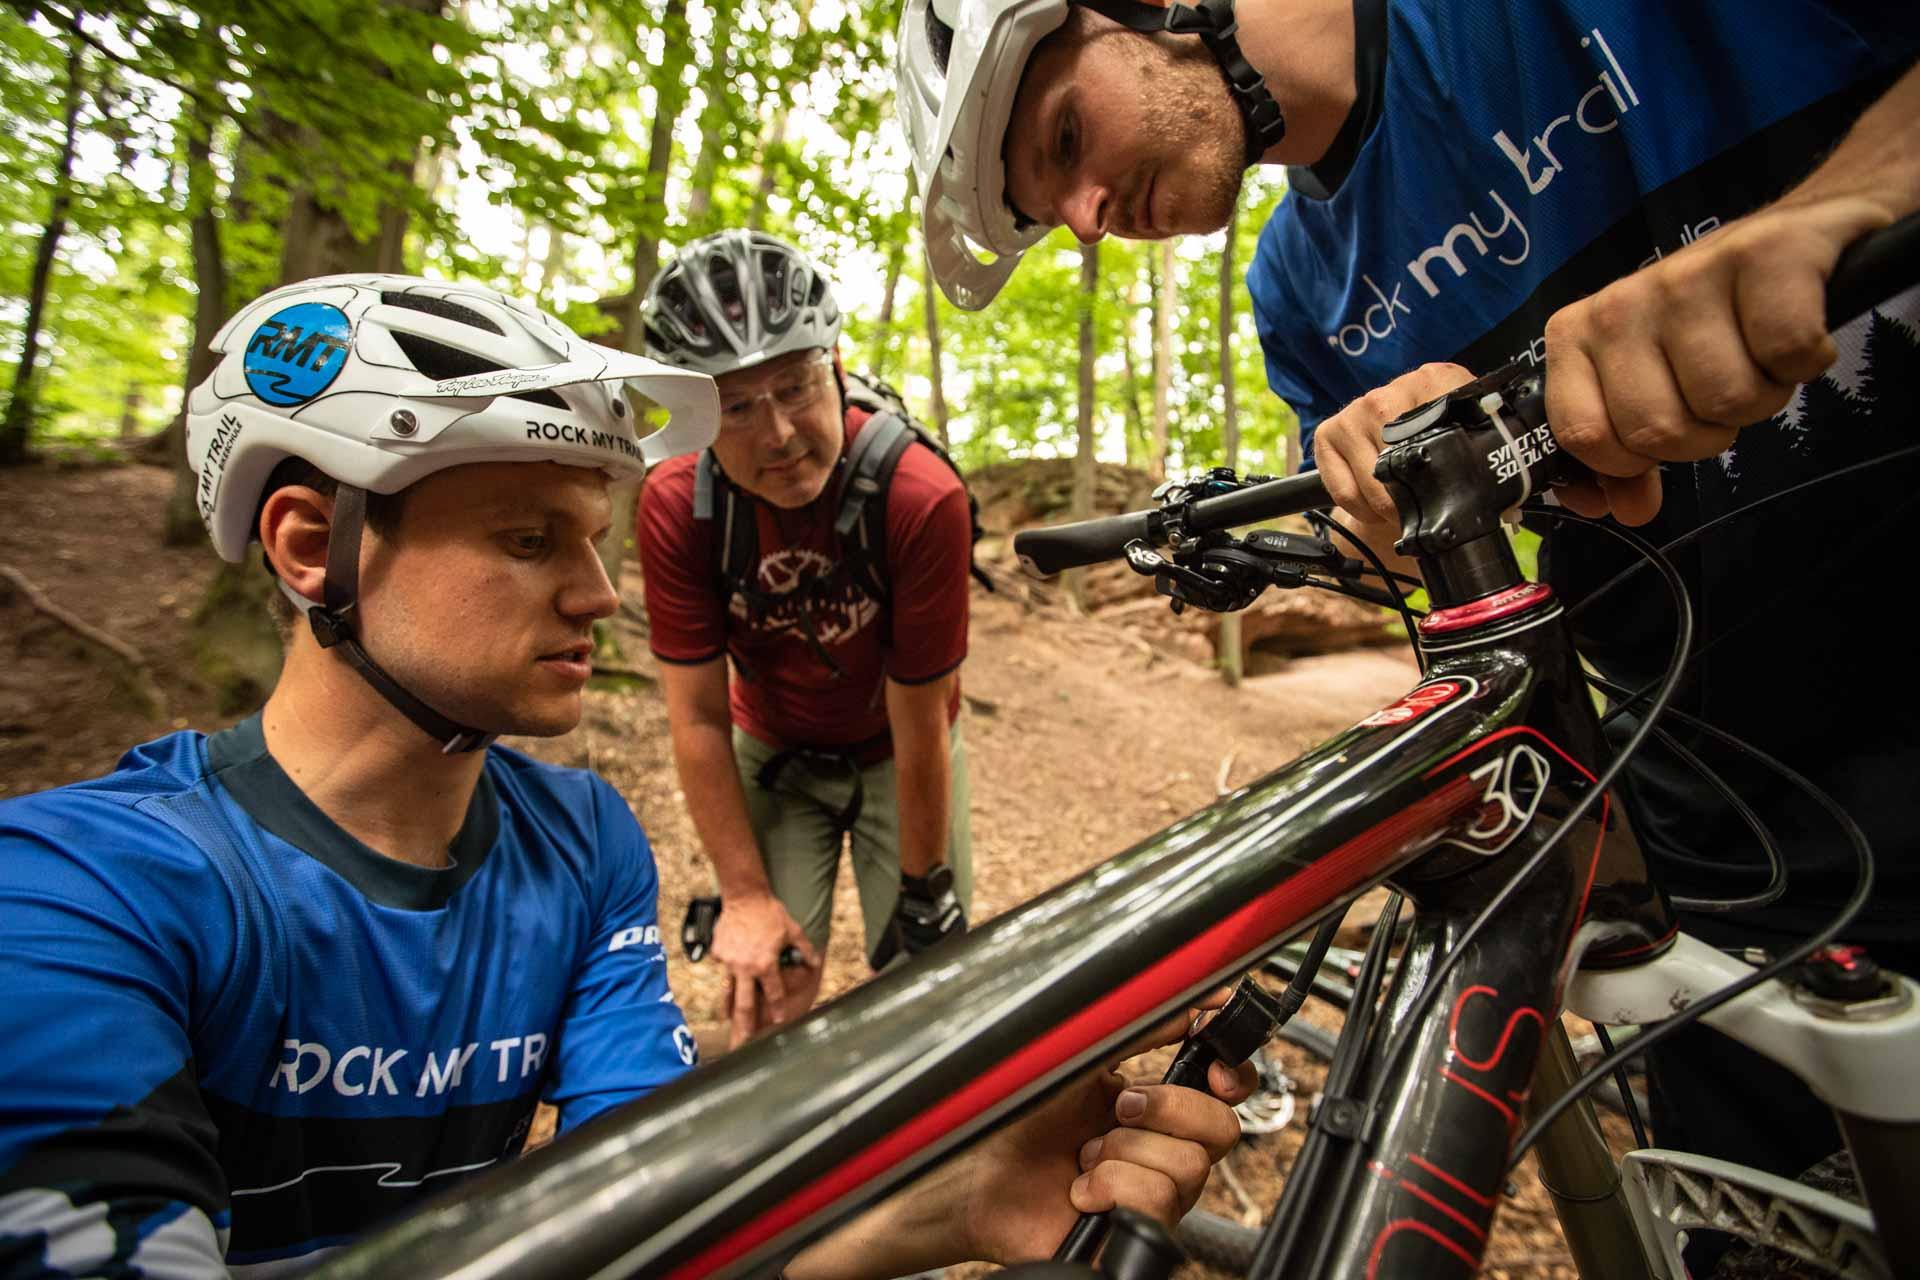 MTB Fahrtechnik Kurs für Einsteiger in Nürnberg - Mountainbike Basic - Rock my Trail Bikeschule38